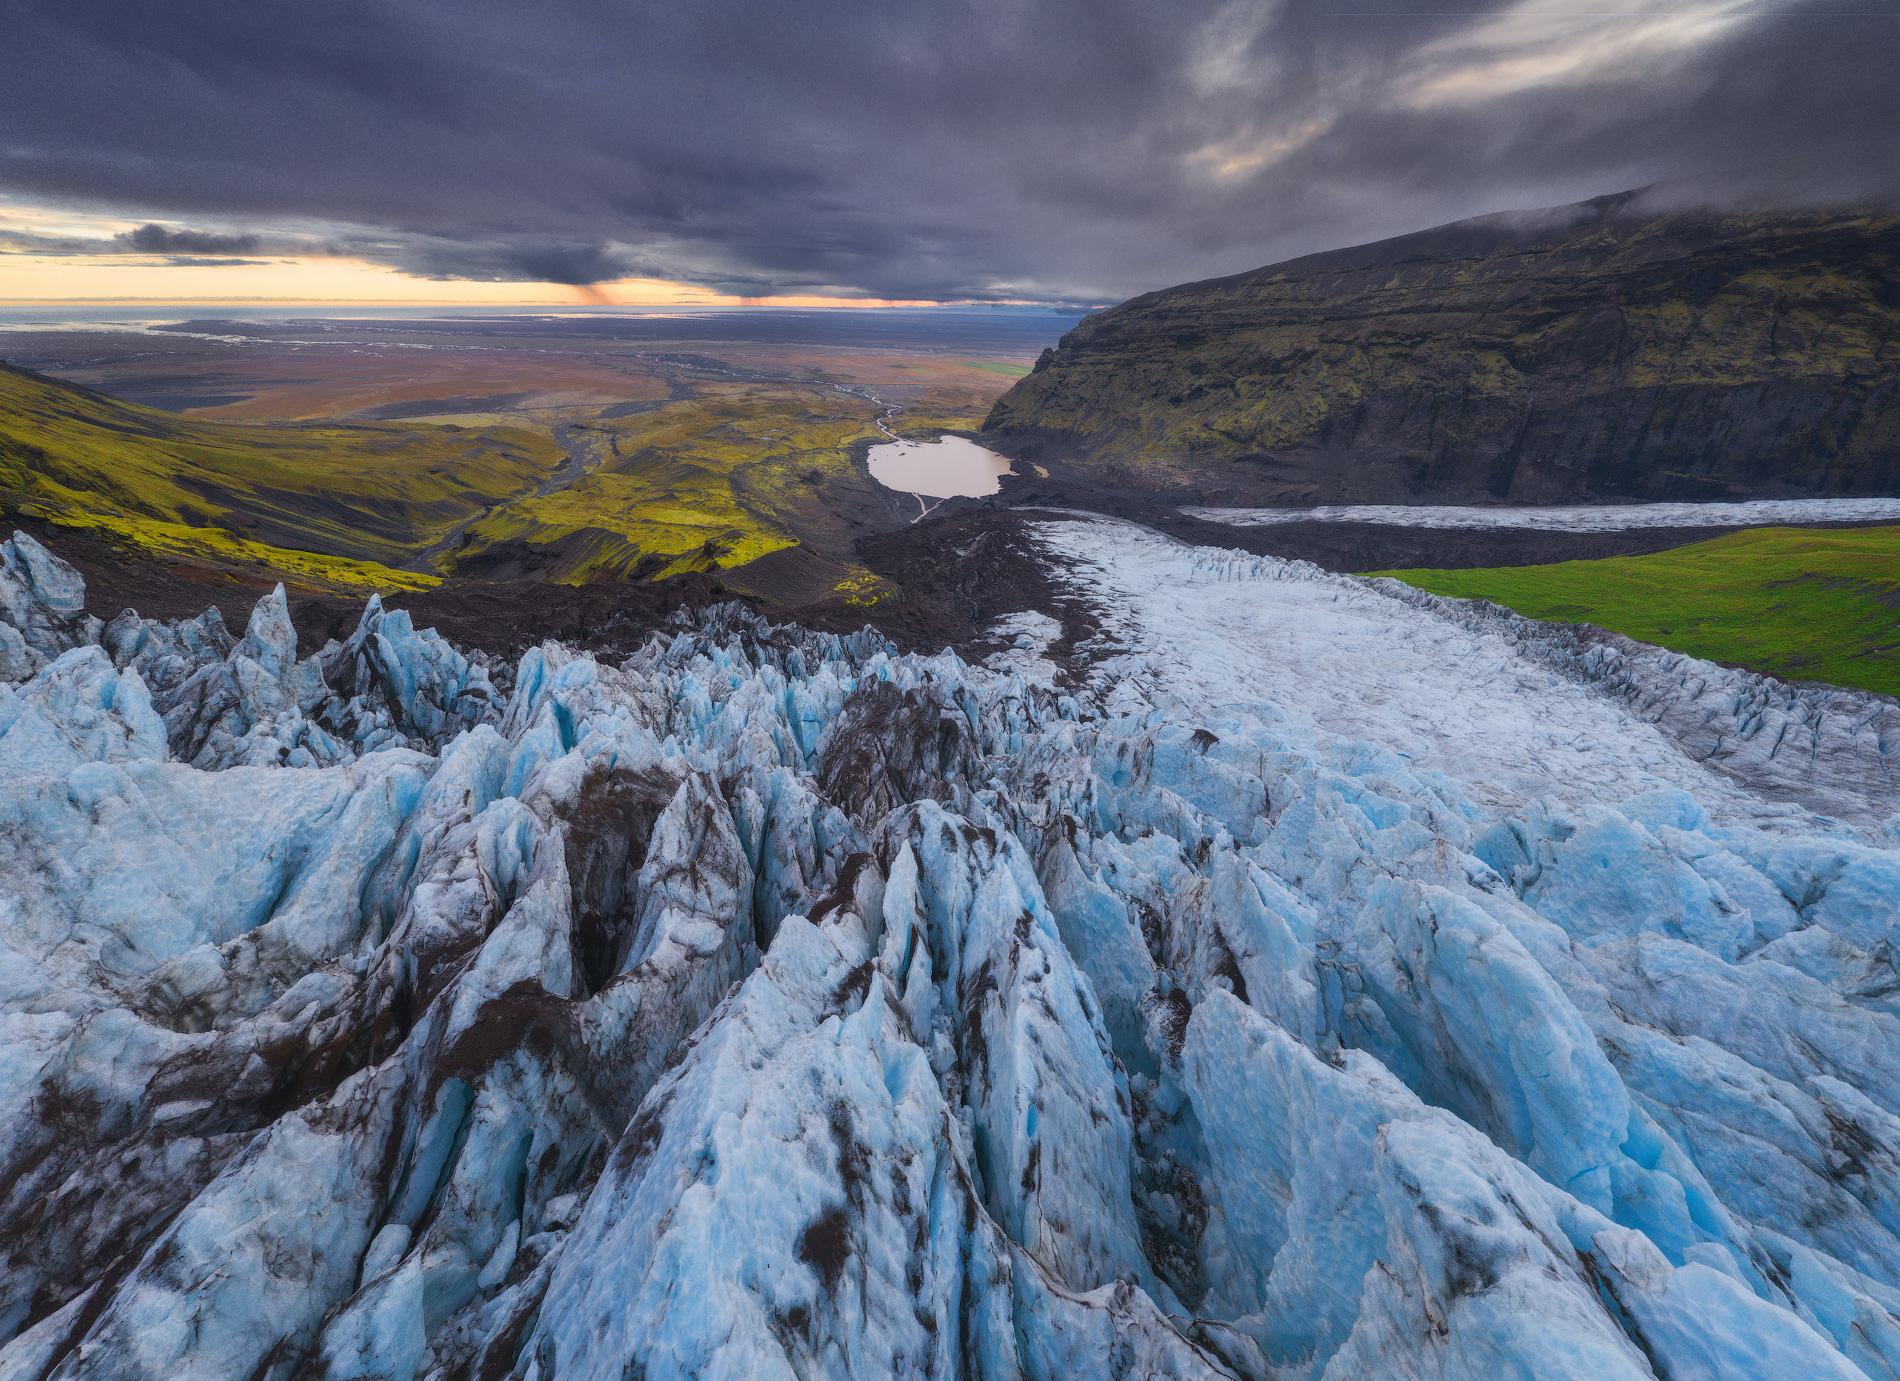 La vue depuis un glacier à la réserve naturelle de Skaftafell.